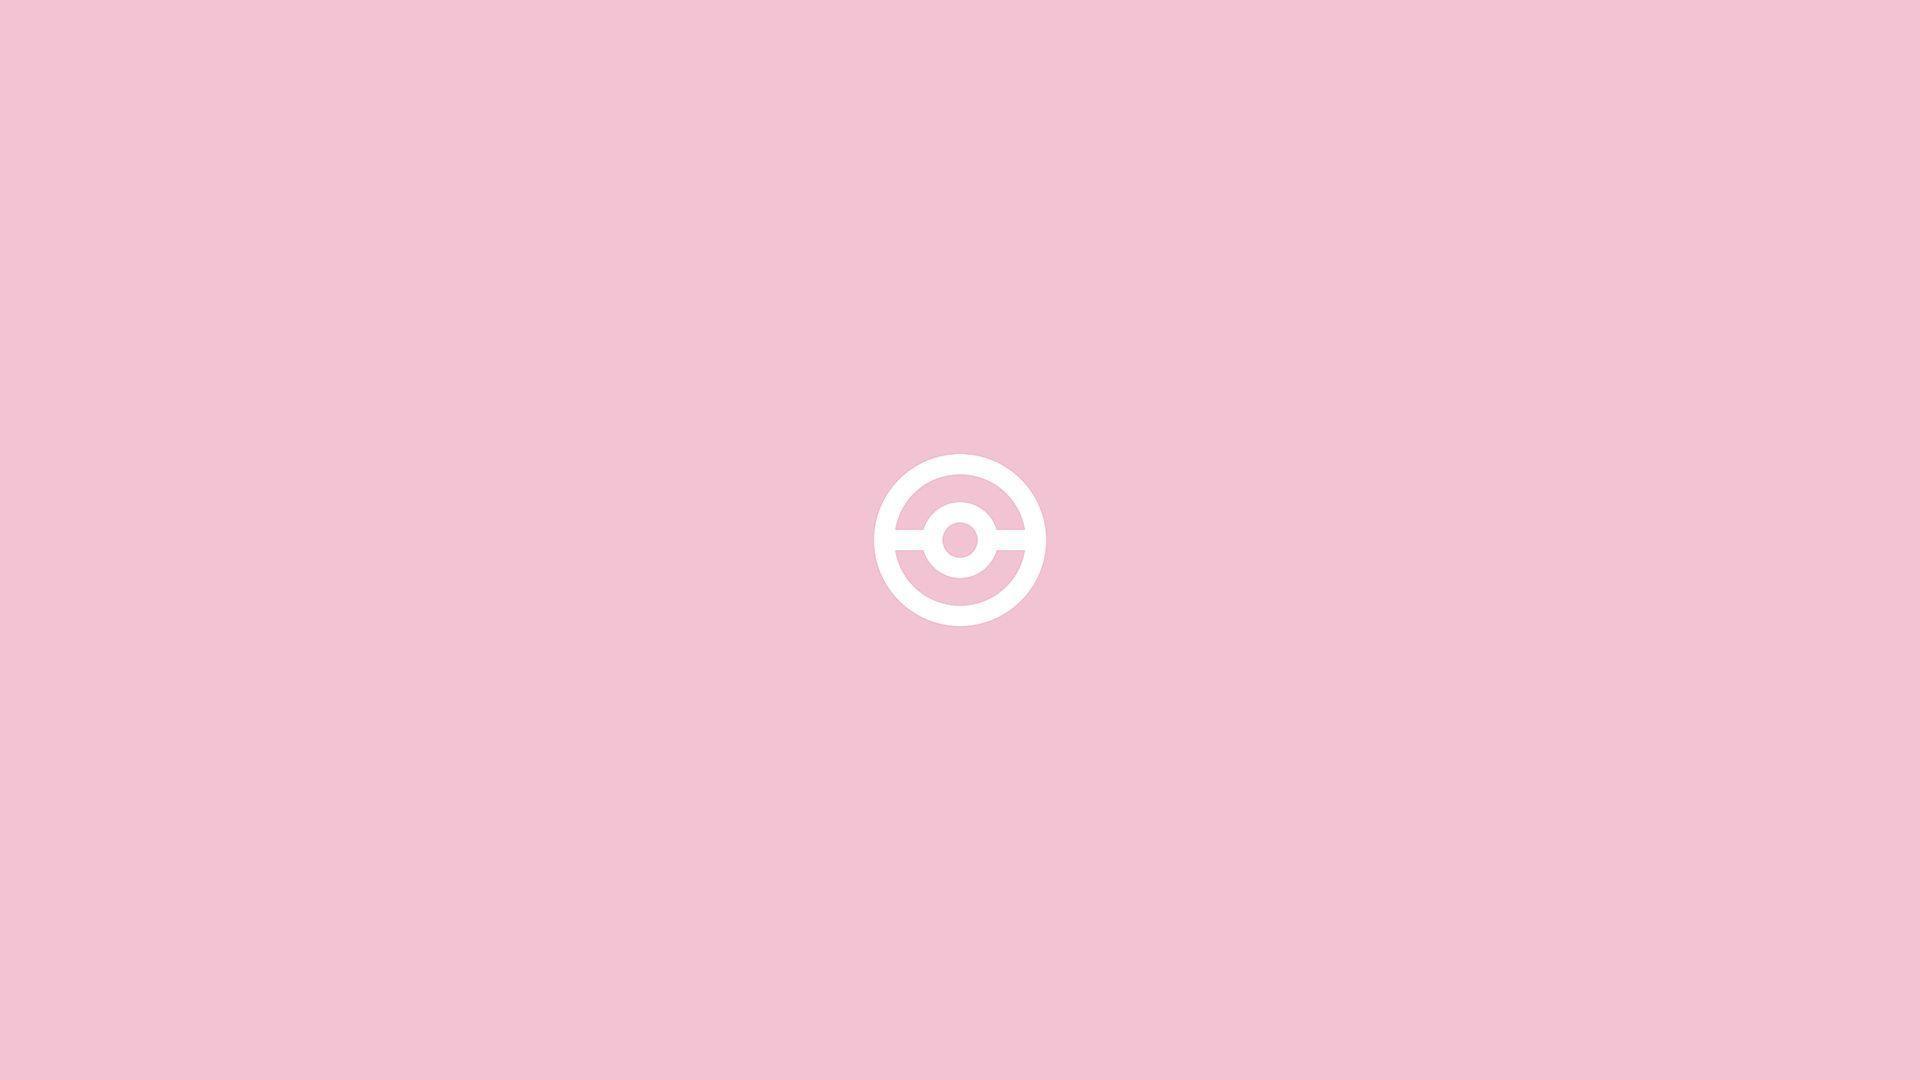 Minimalist Pink Wallpapers Top Free Minimalist Pink